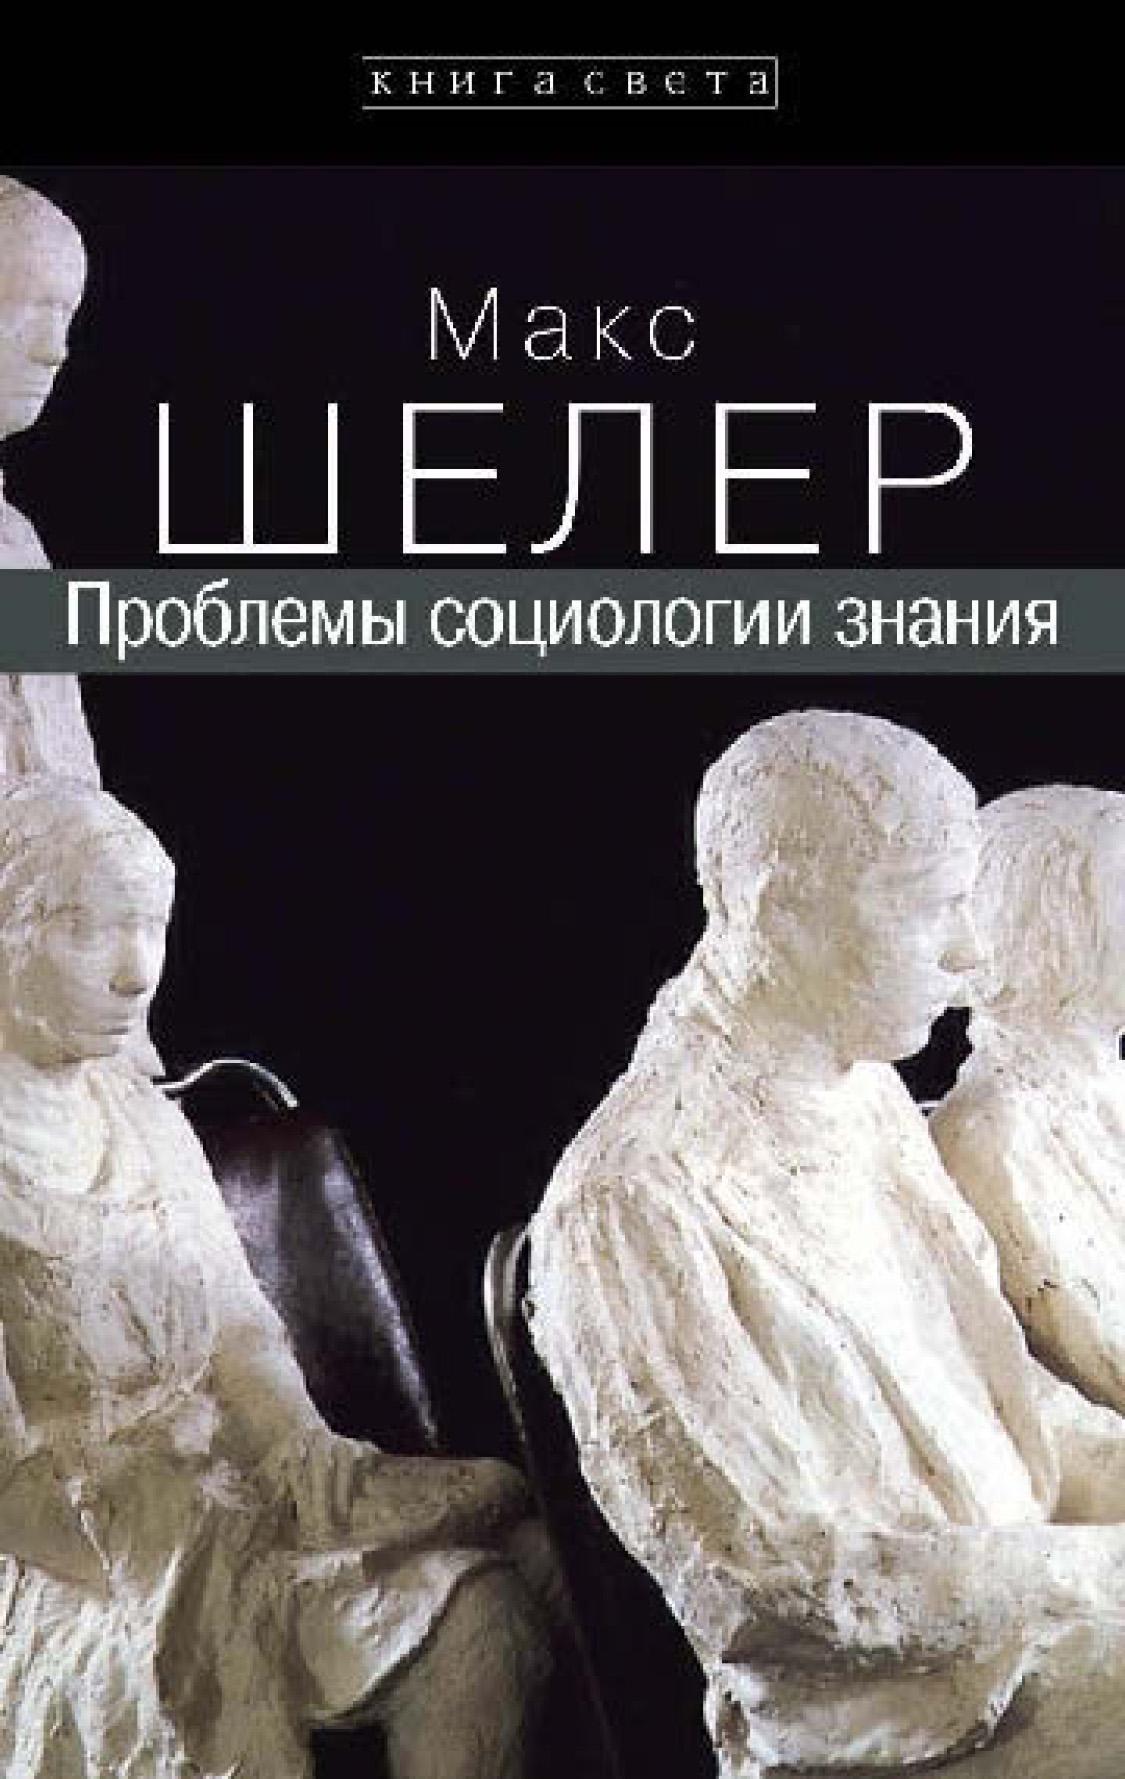 Макс Шелер «Проблемы социологии знания»